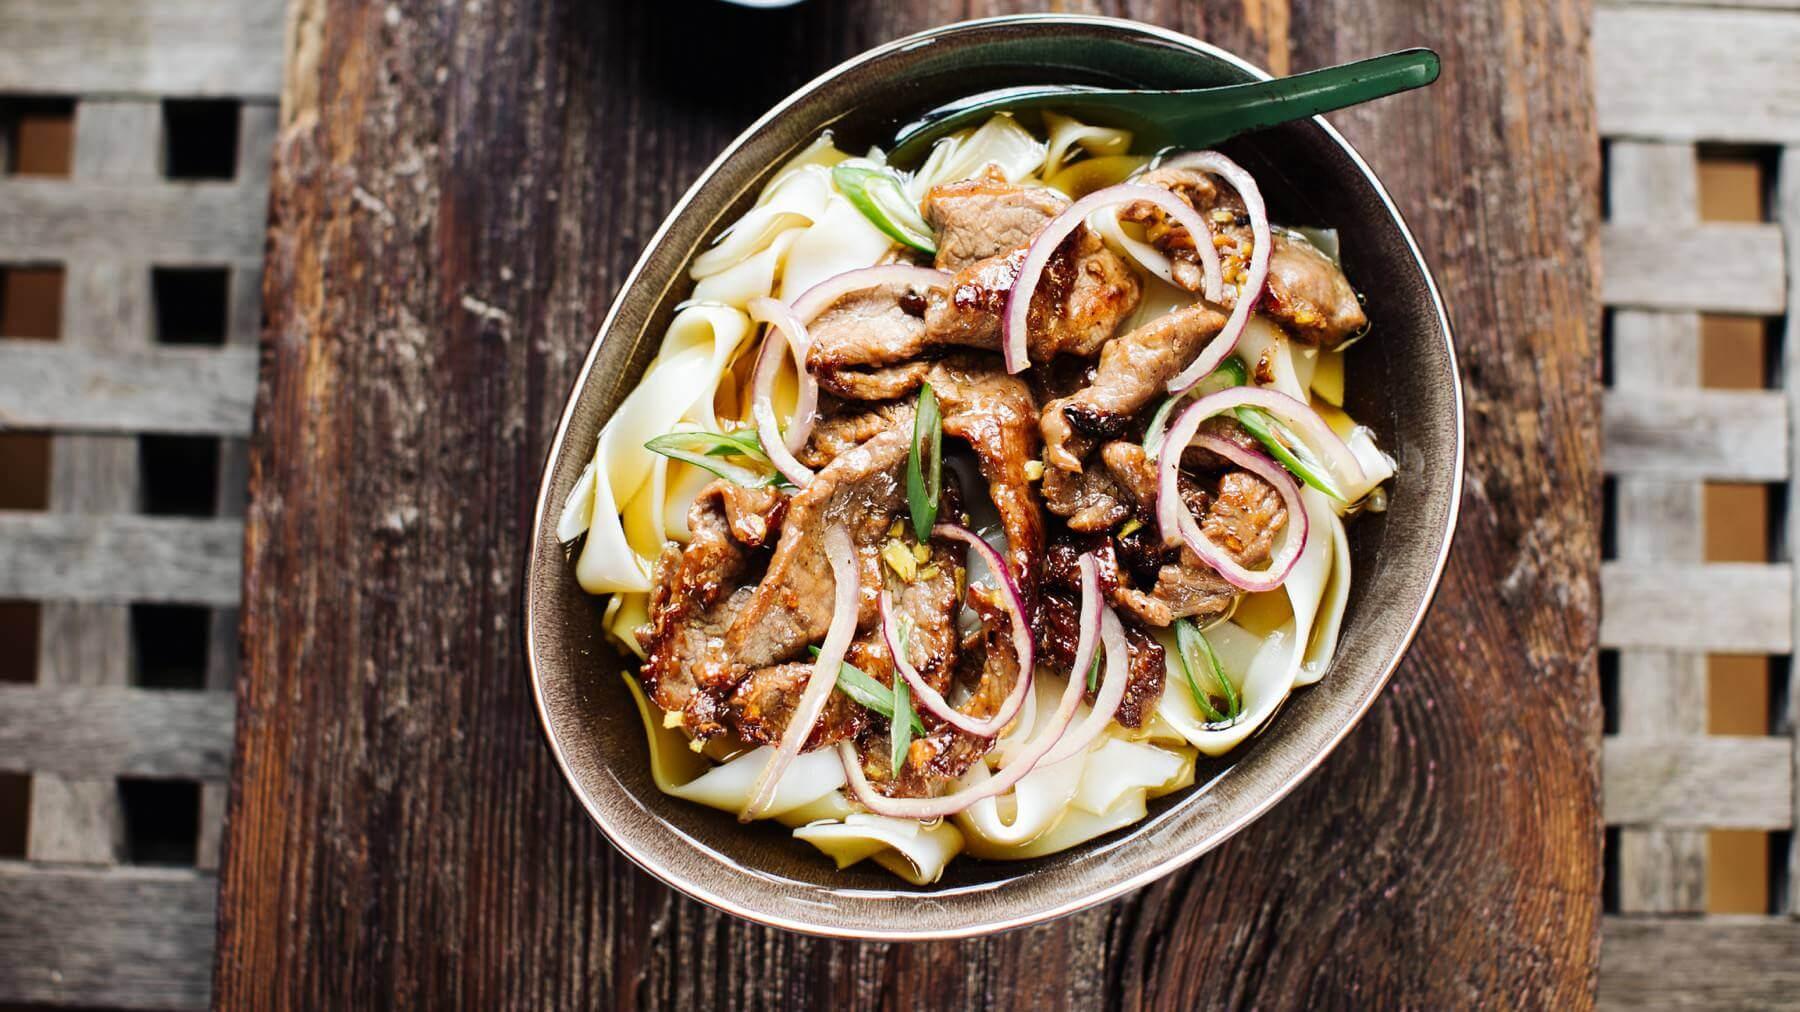 Vietnamesische Reisnudelsuppe mit Rindfleisch aus dem Wok